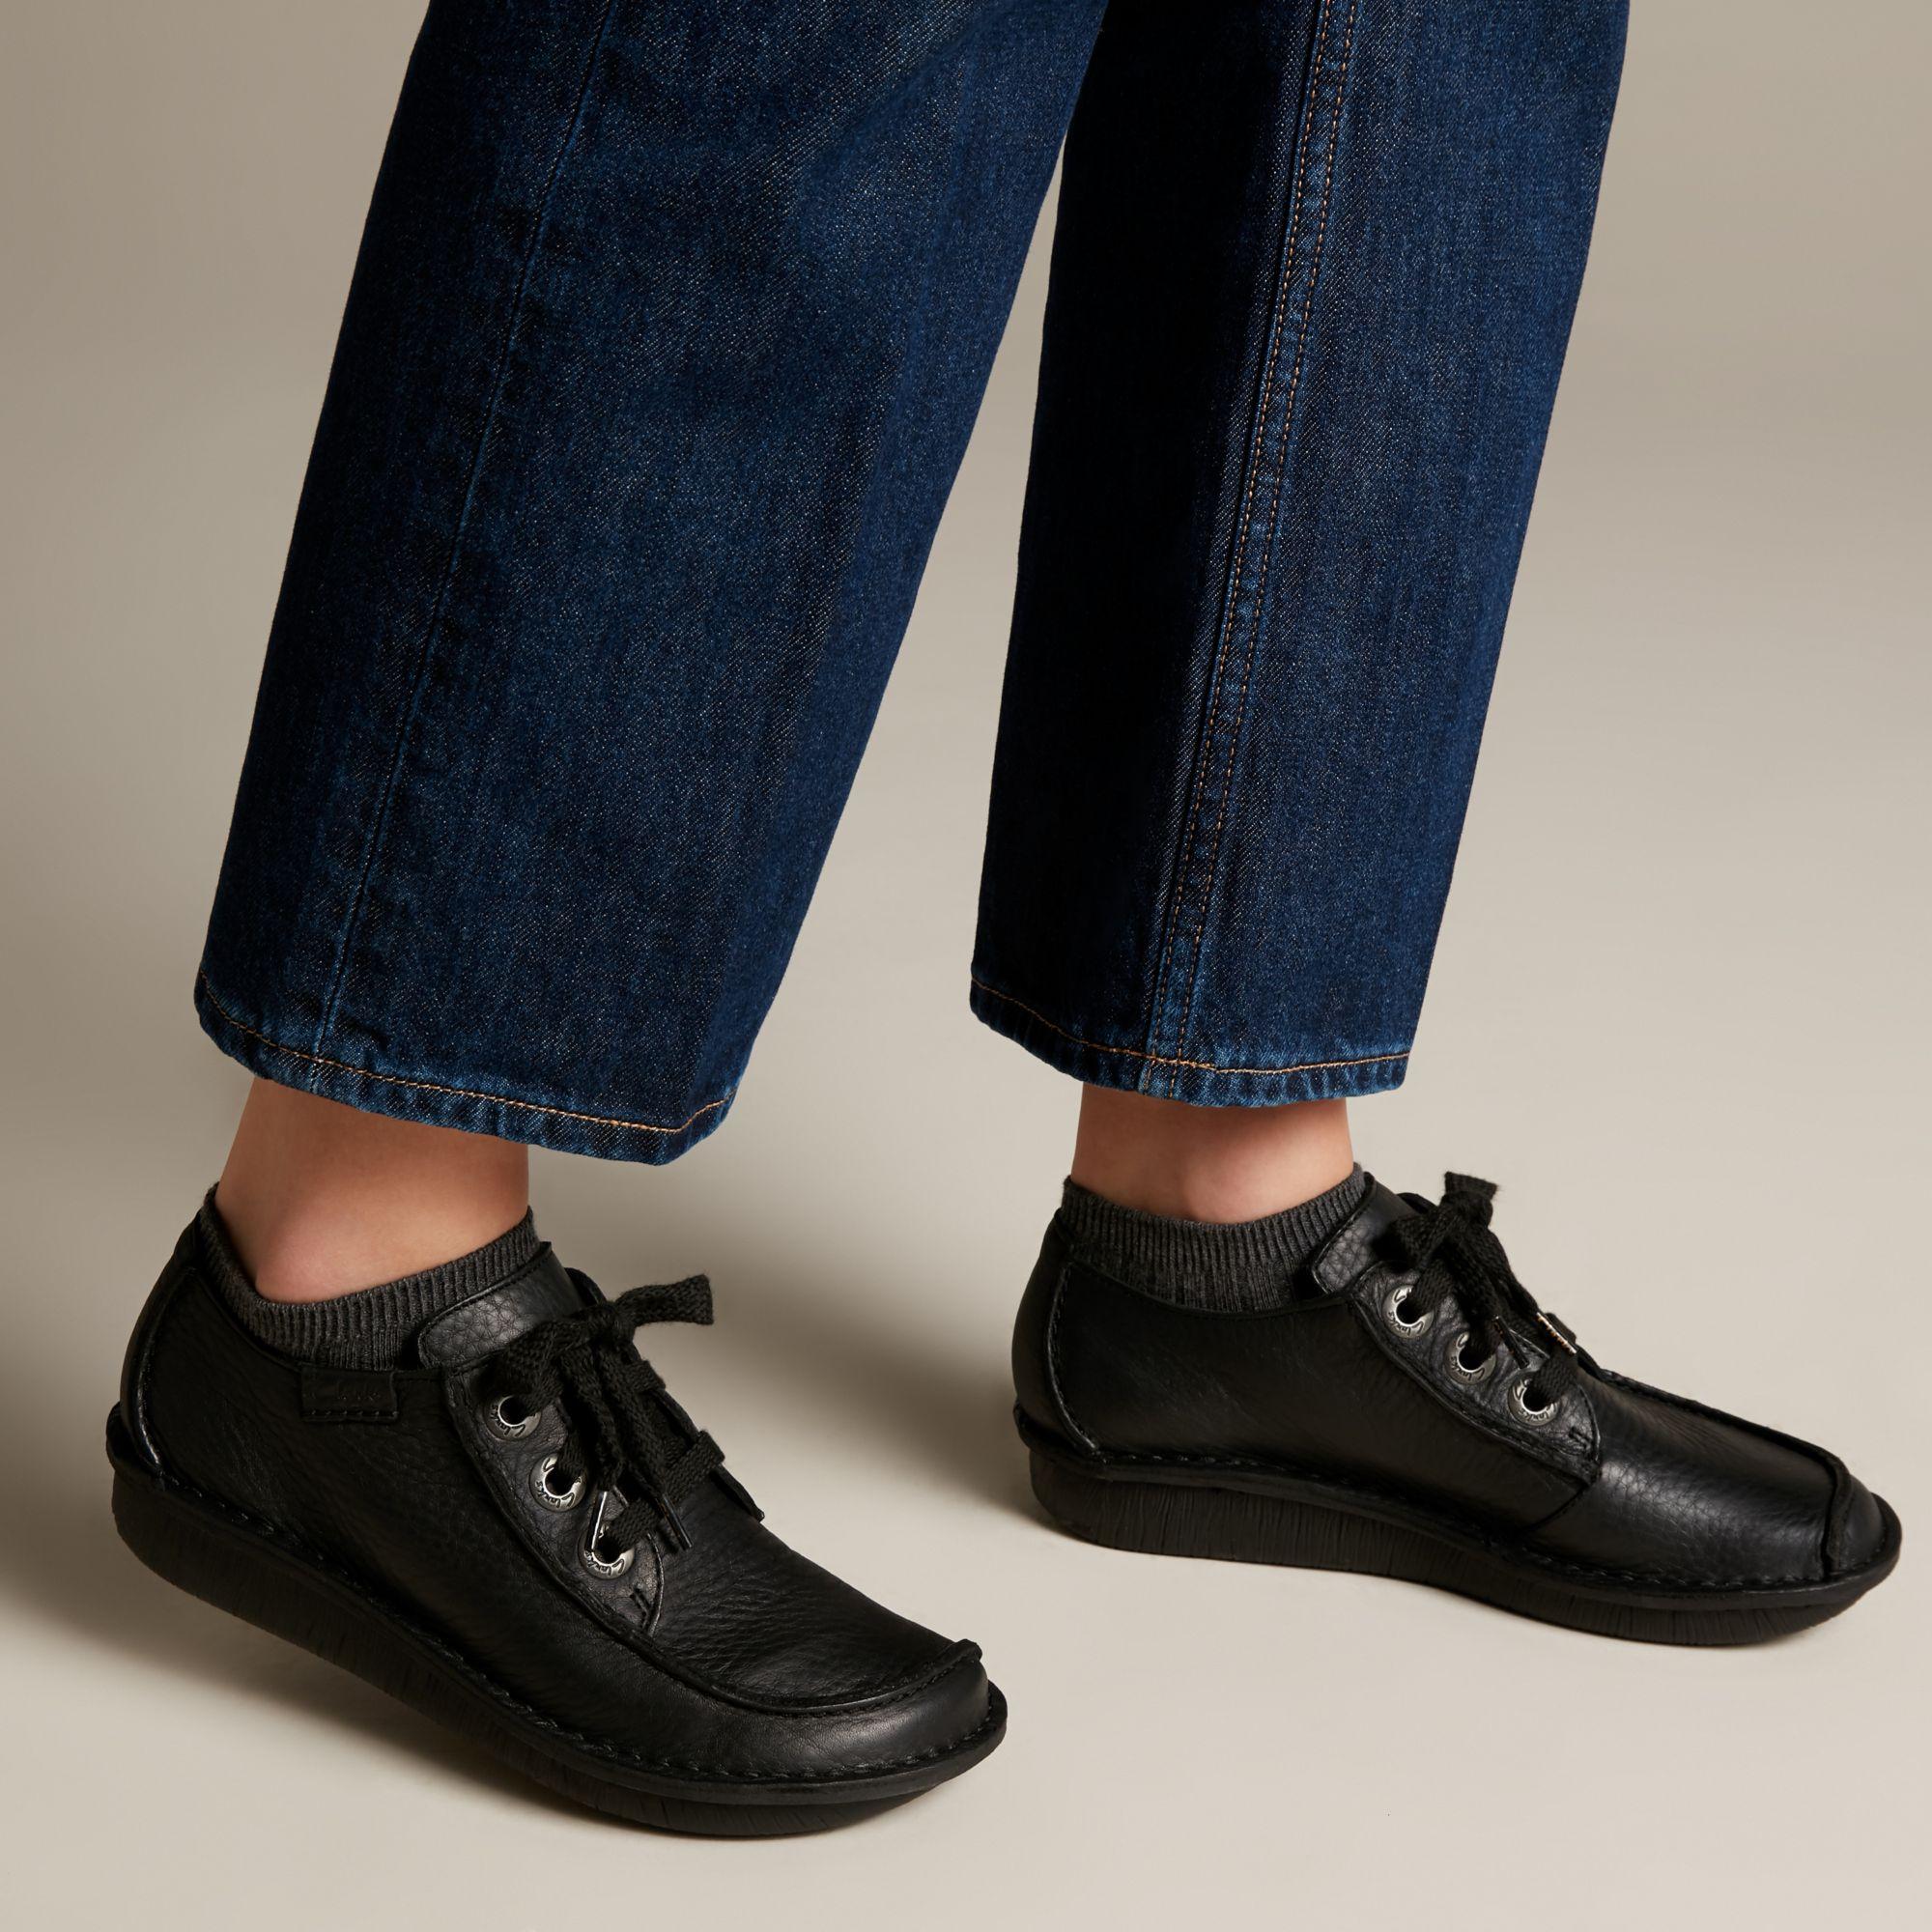 Дамски обувки Clarks Funny Dream черни - снимка 8